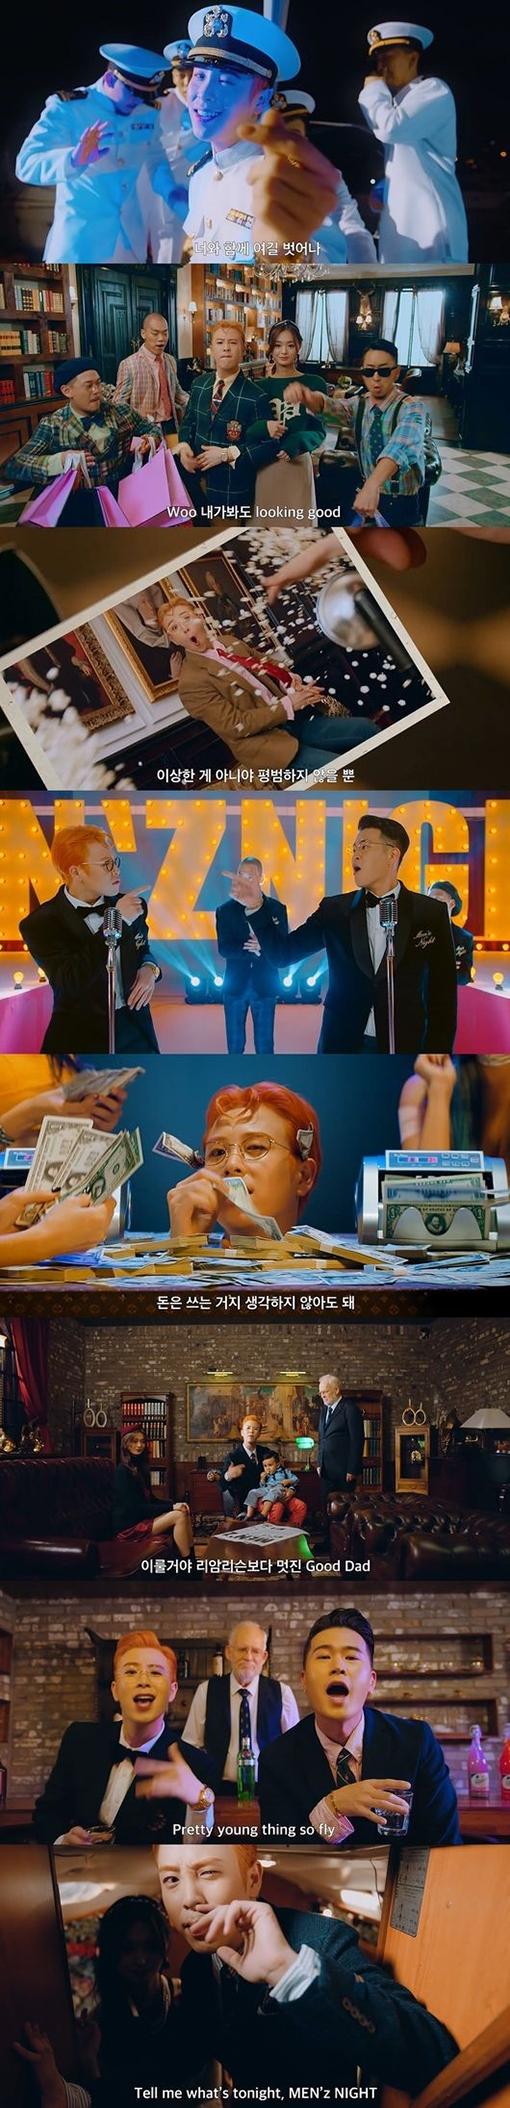 [사진]피오 'MEN'z NIGHT(맨즈 나잇)' 뮤직비디오 캡처